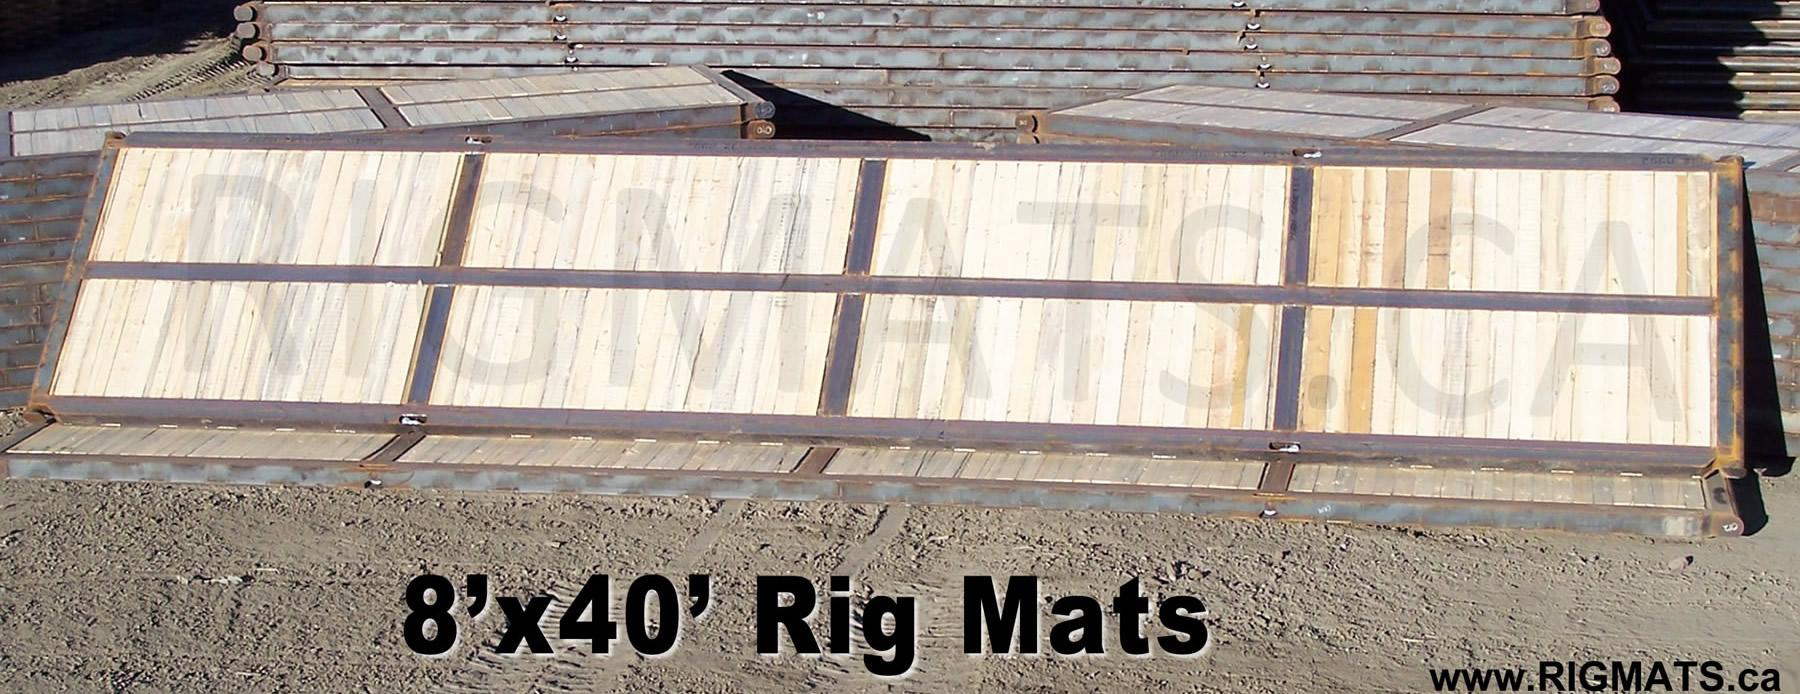 8x40 Rig Mat